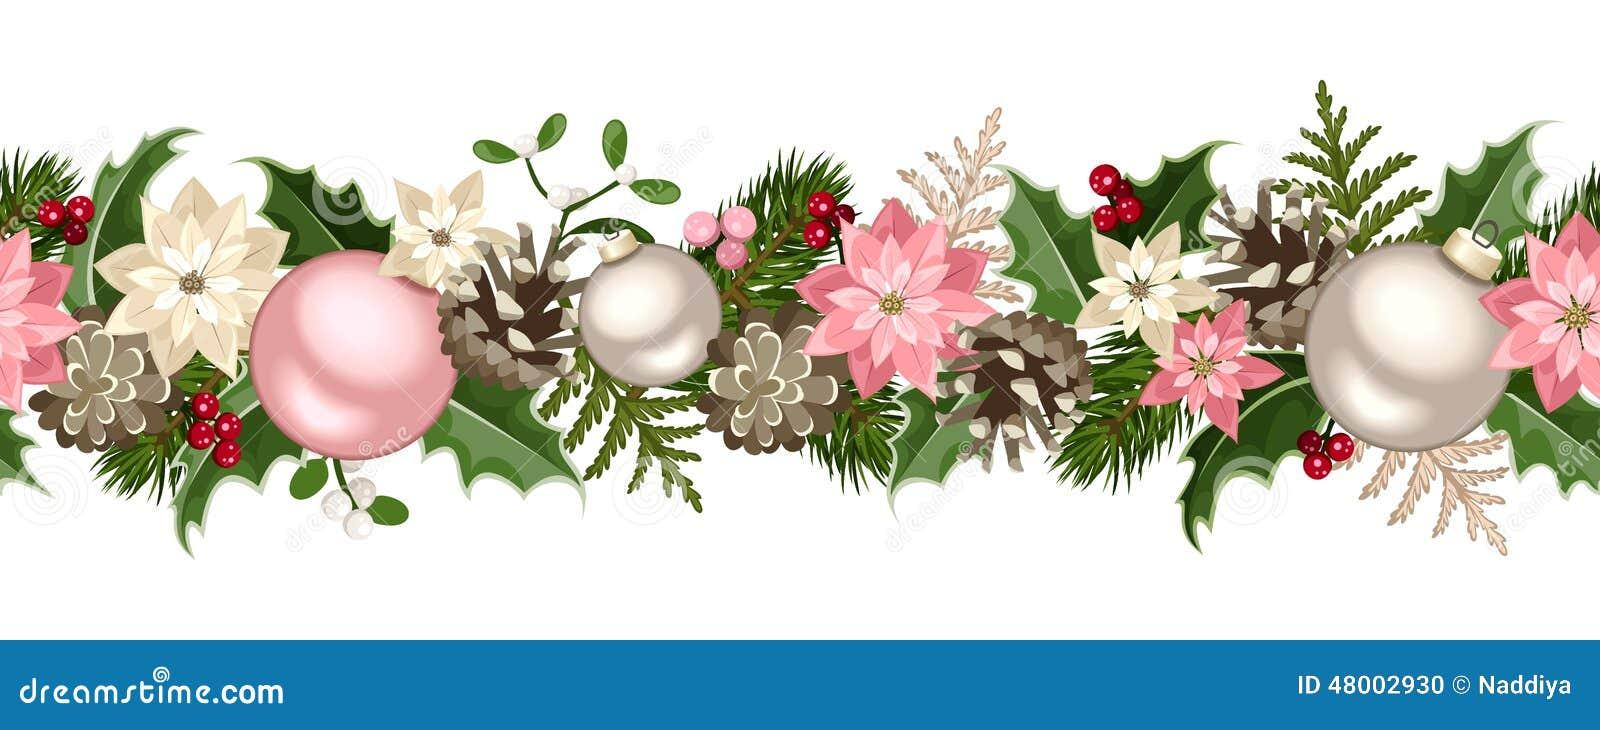 Guirlande sans couture de no l avec des branches de sapin des boules de rose et d 39 argent houx - Guirlande sapin de noel ...